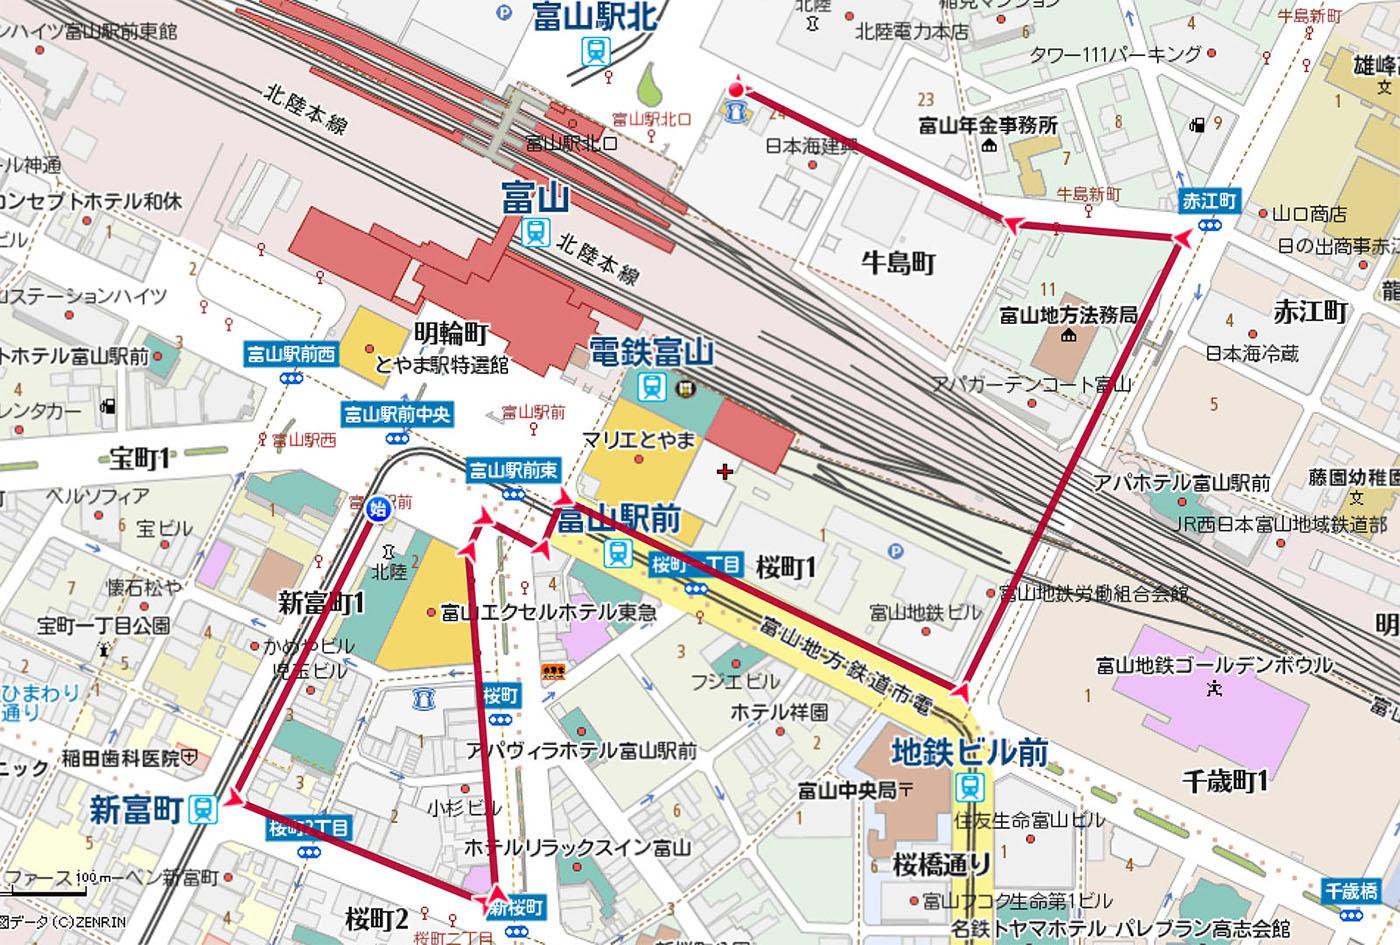 20121111パレードコース地図sml